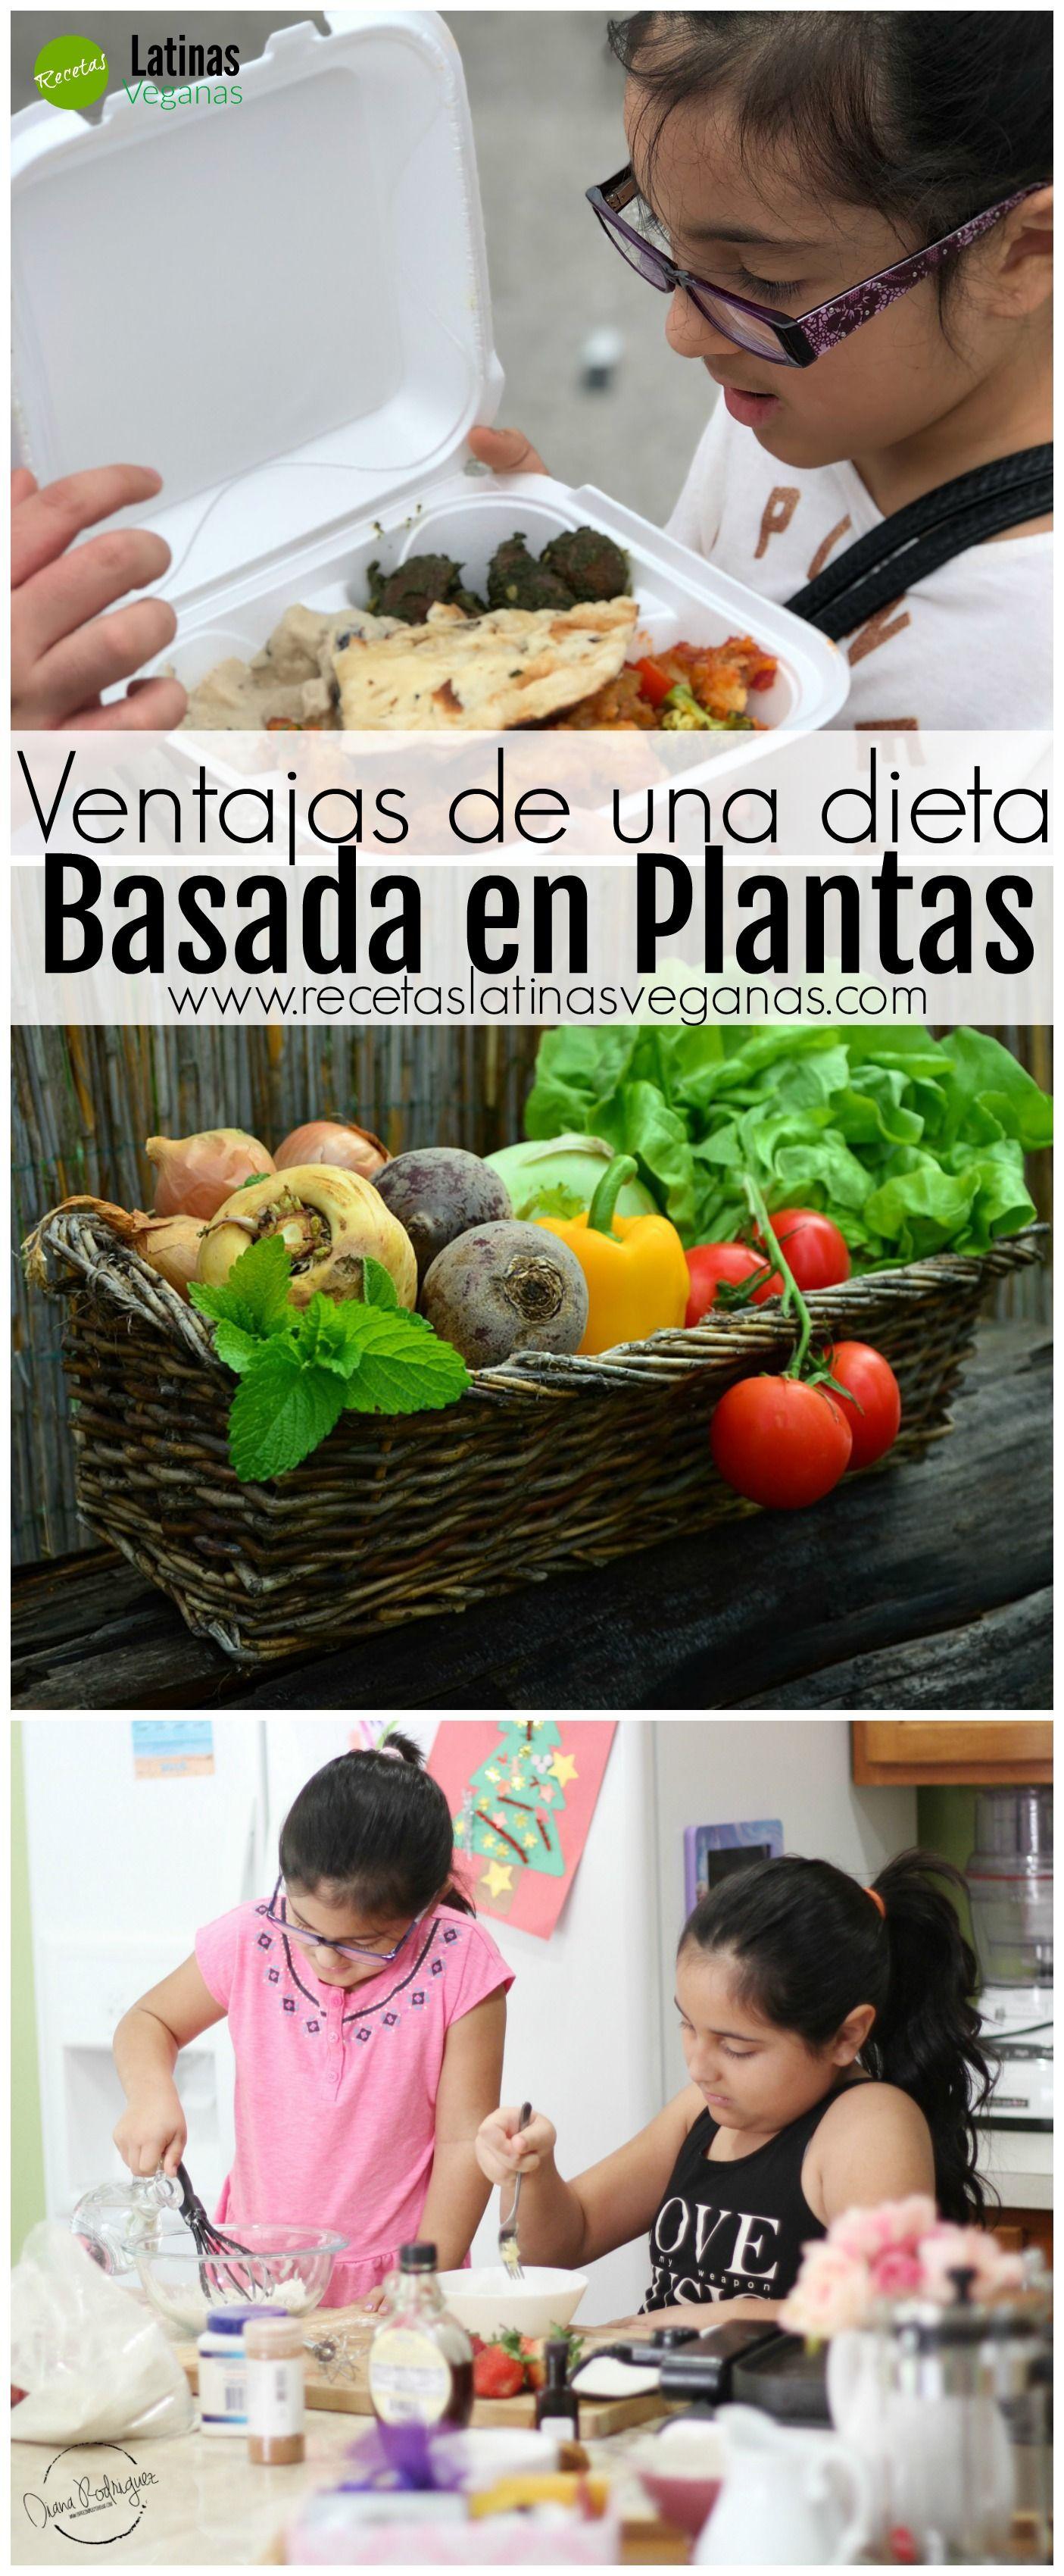 Ventajas de Una Dieta Basada en Plantas - Vegan recipes..